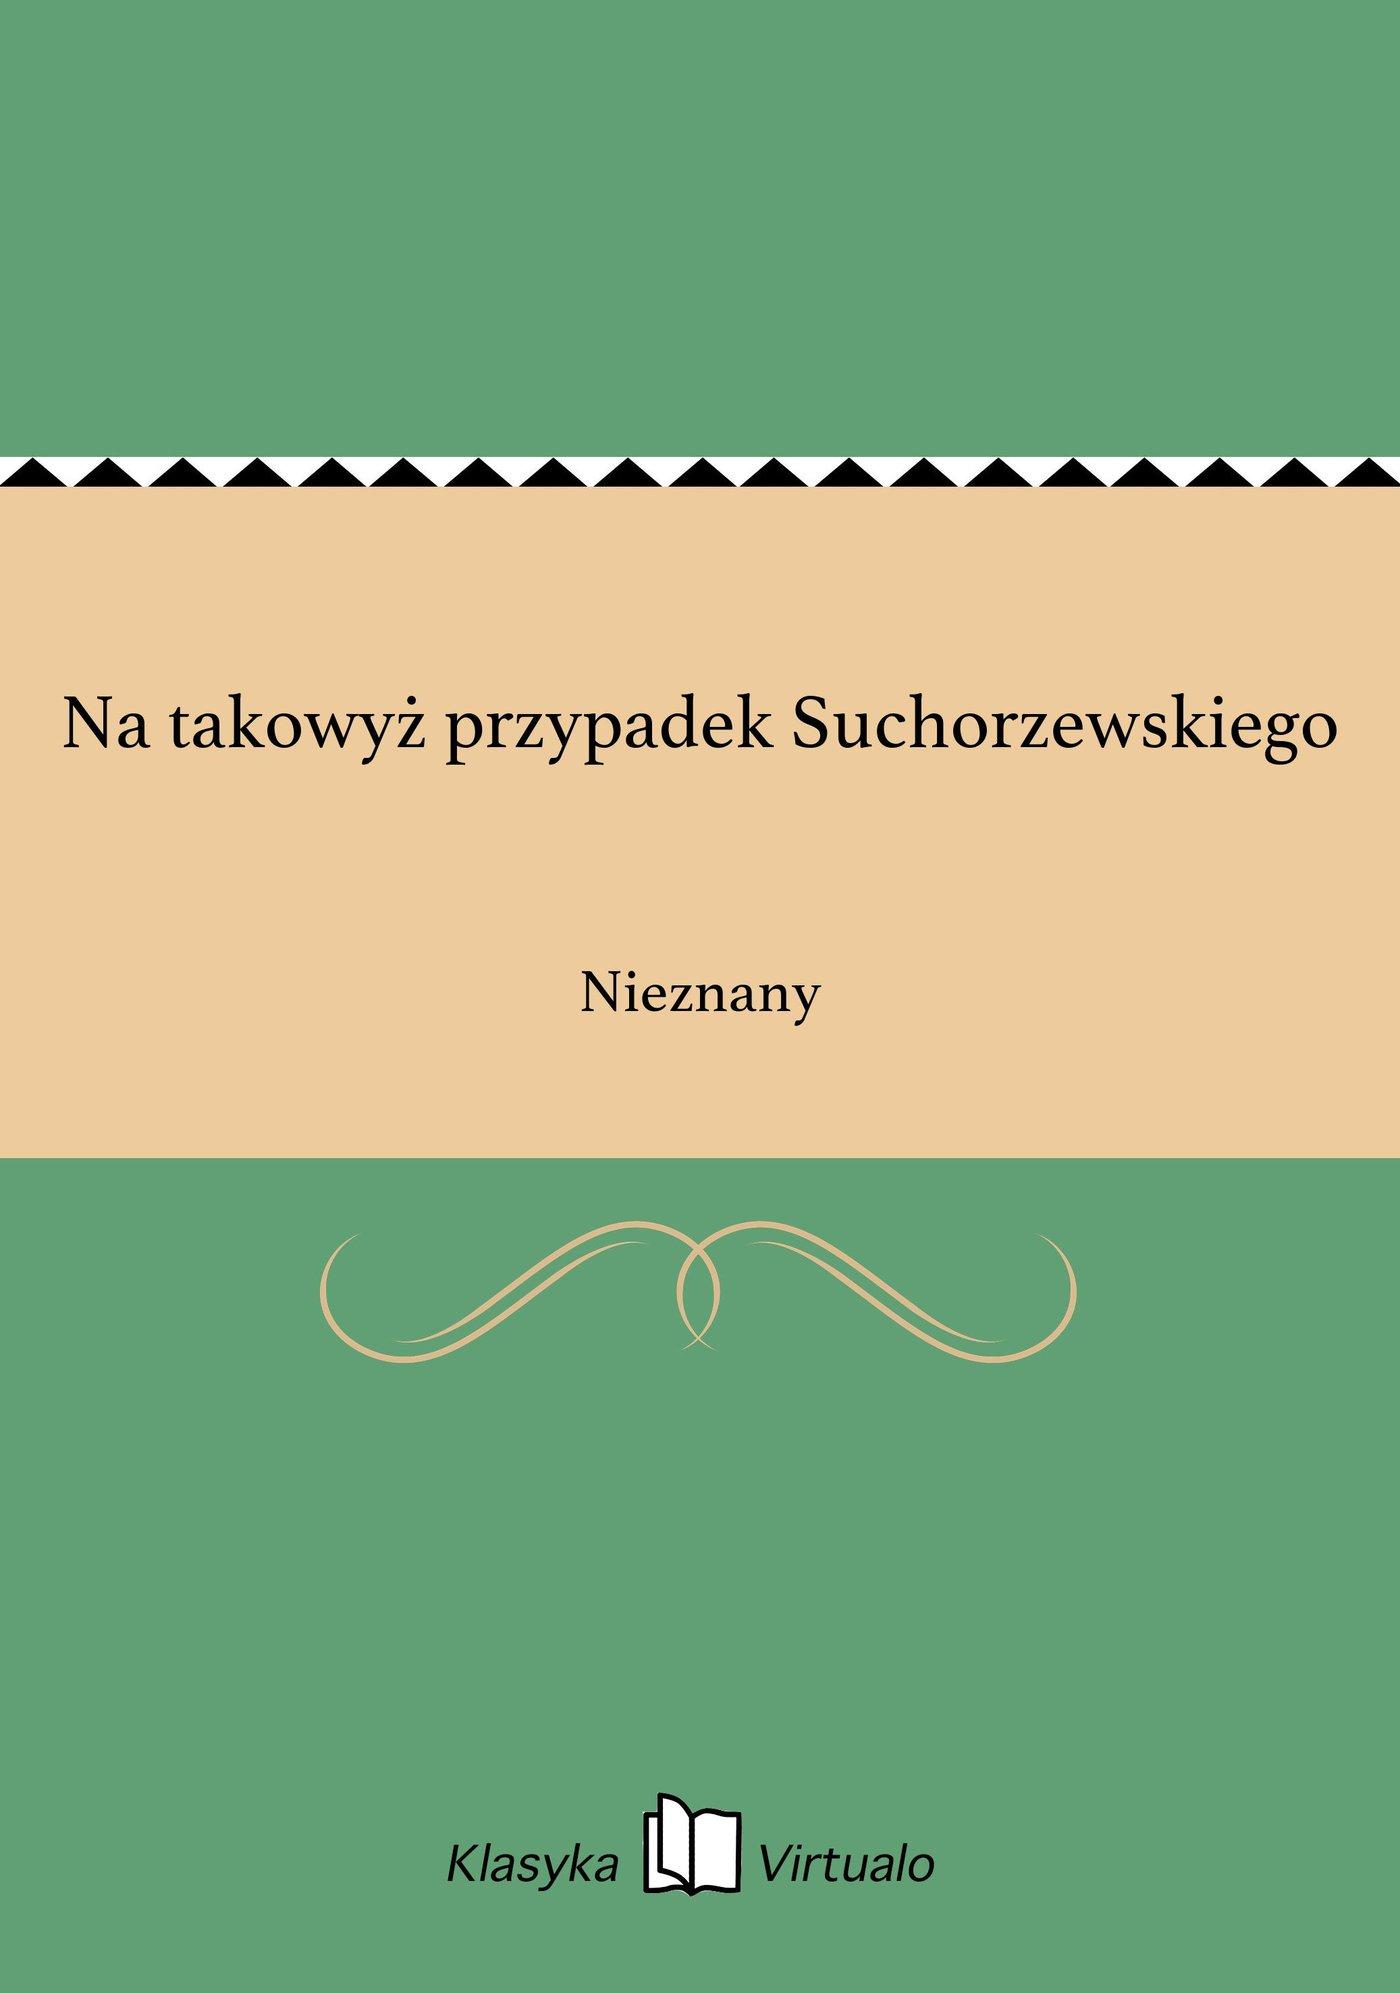 Na takowyż przypadek Suchorzewskiego - Ebook (Książka EPUB) do pobrania w formacie EPUB